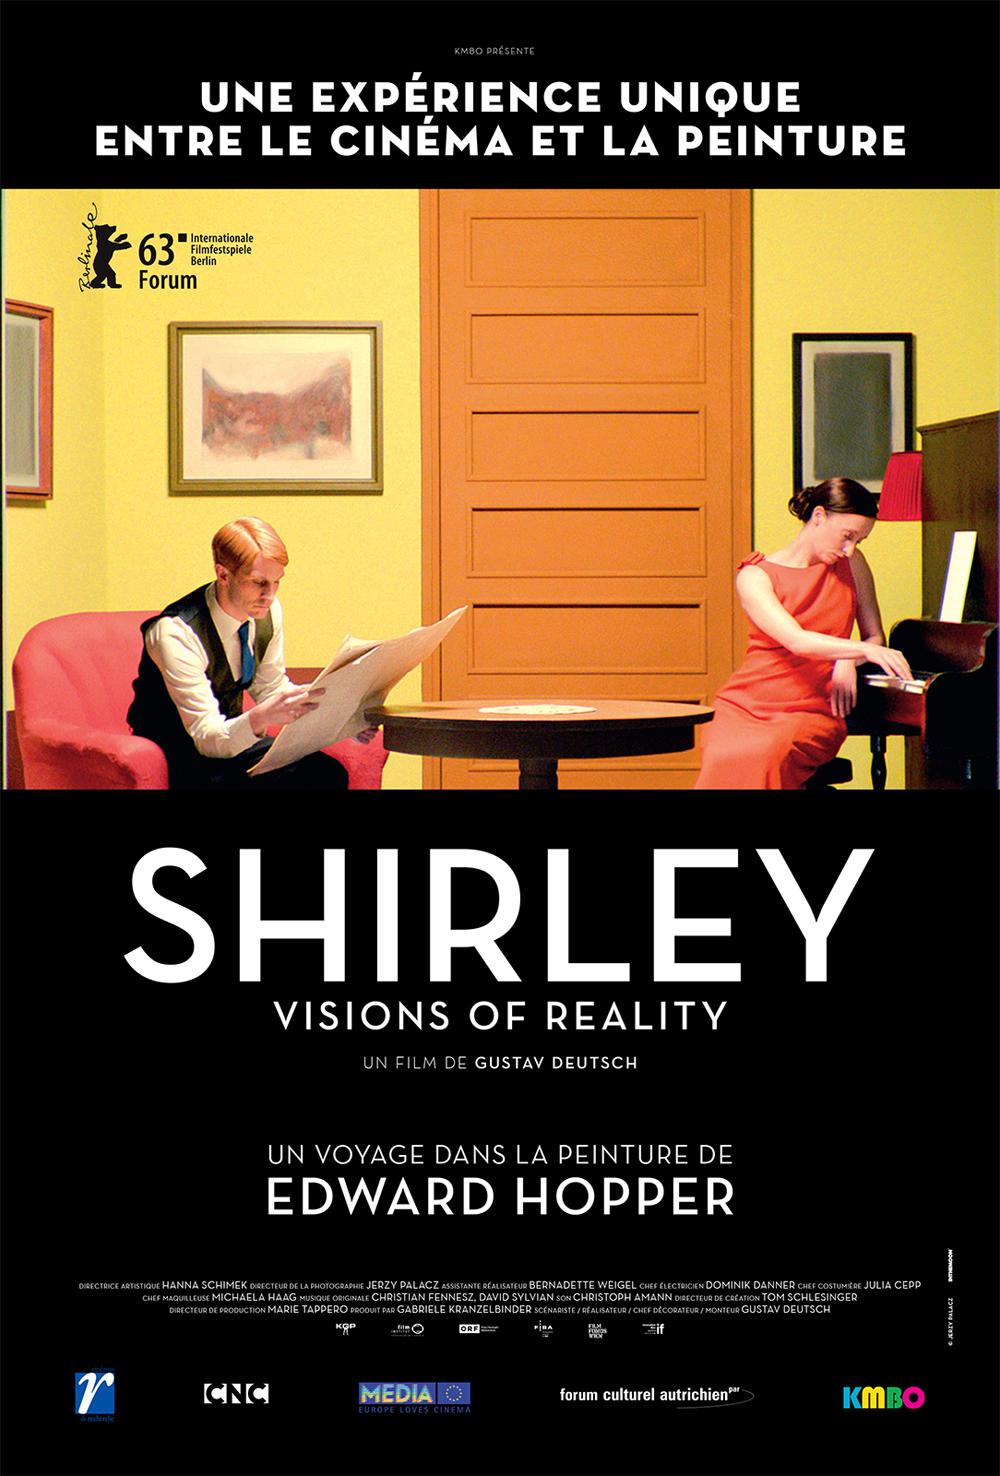 Shirley, un voyage dans la peinture d